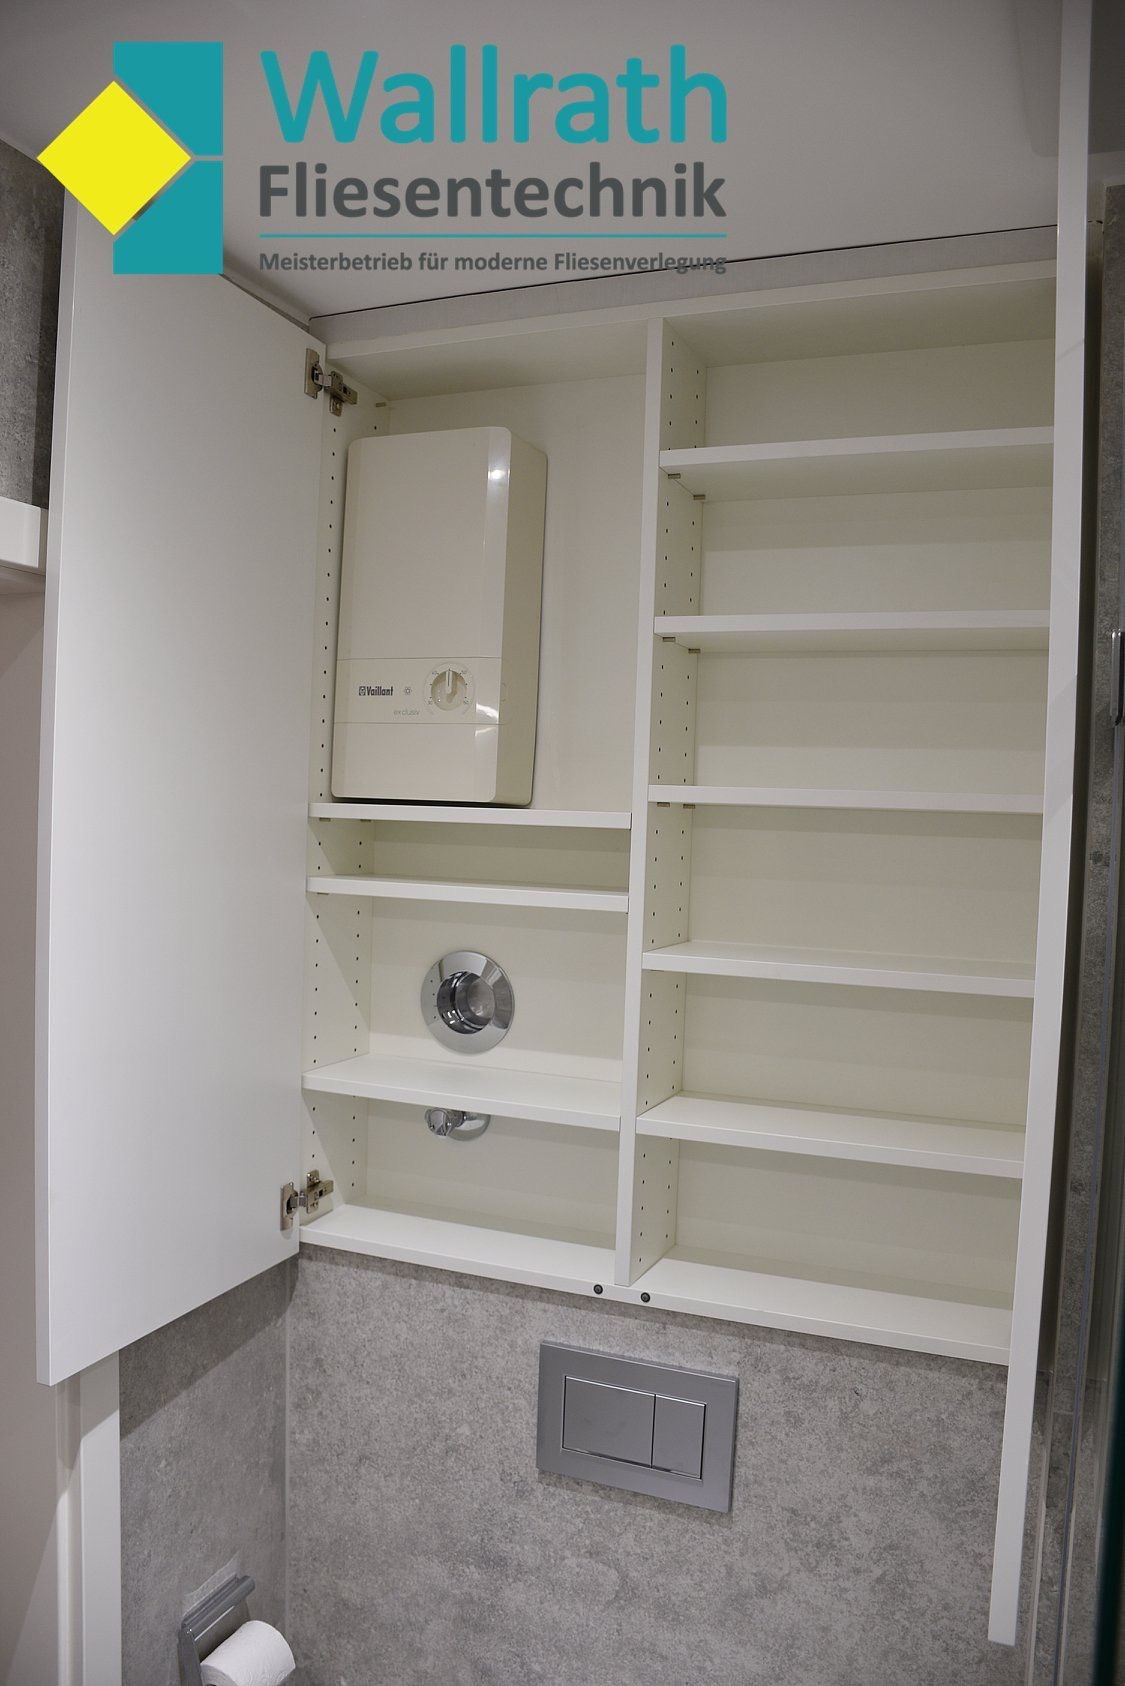 Komplettbad Sanierung Eines Badezimmers Auf Kleinstem Raum Hat Alles Seinen Perfekten Platz Und Es Bietet De Einbauschrank Einbauschrank Badezimmer Badezimmer